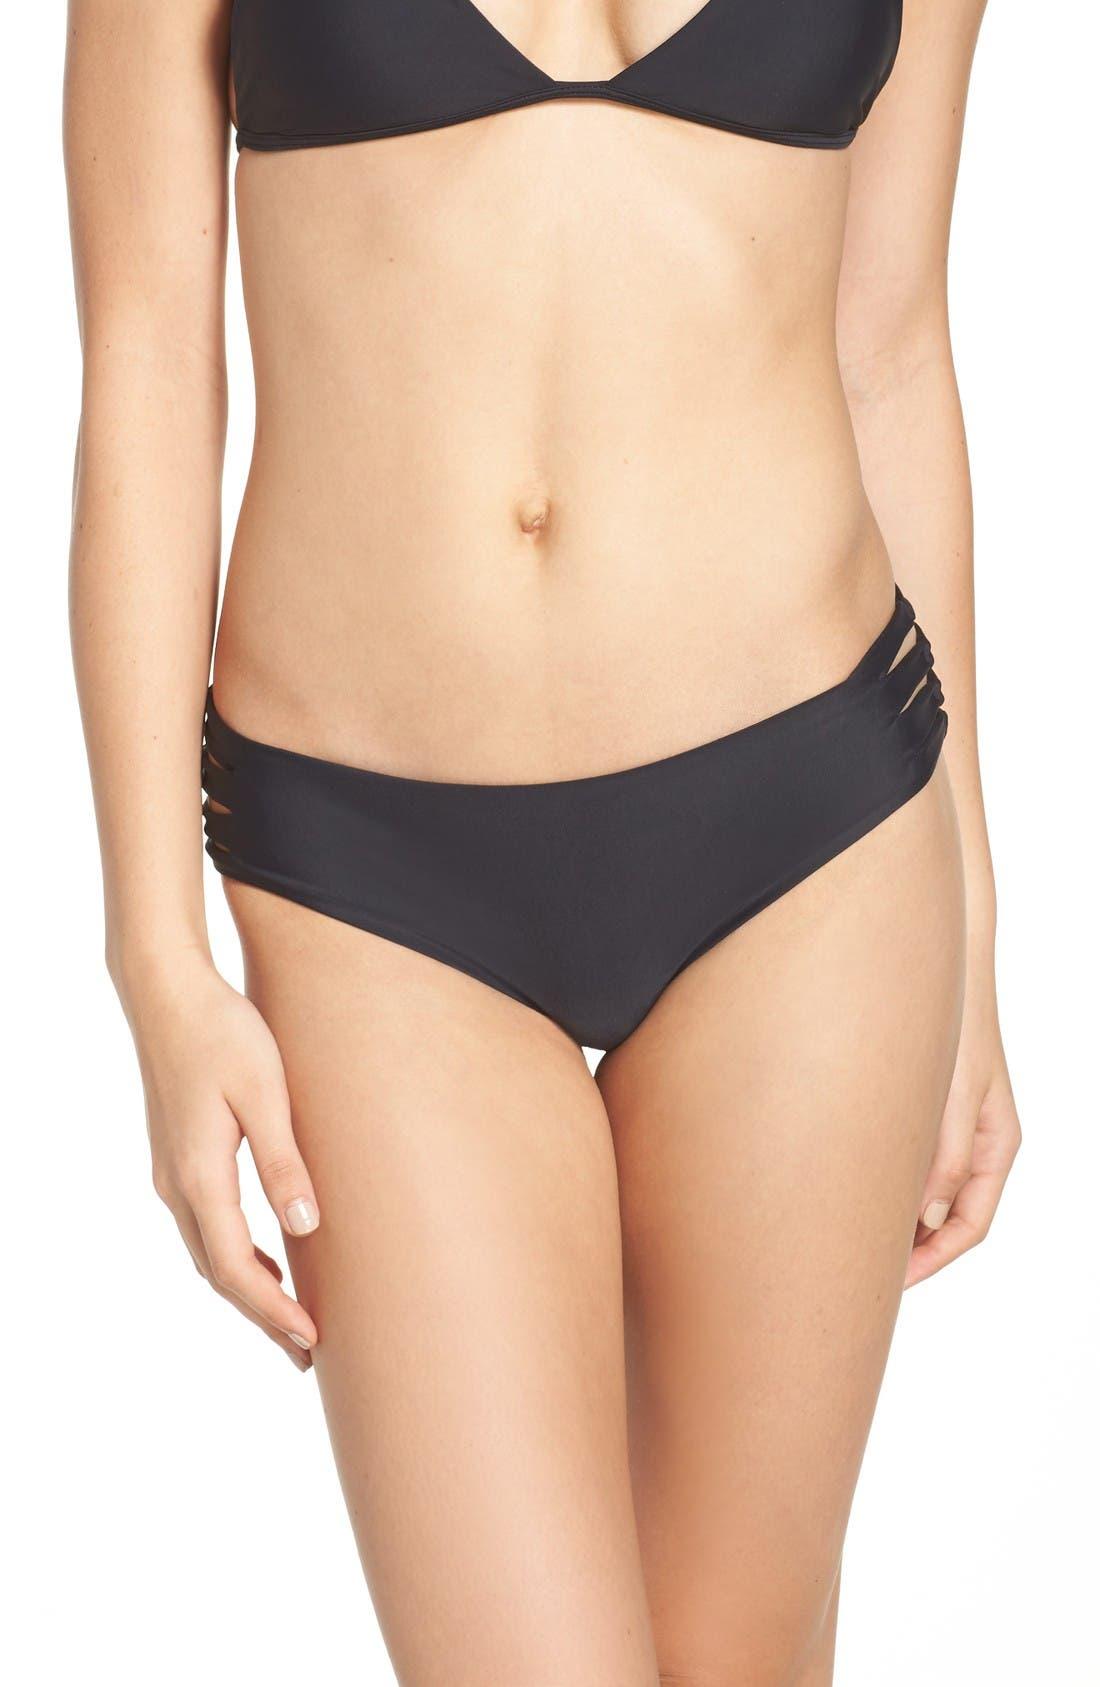 Issa de' mar Sorrento Bikini Bottoms